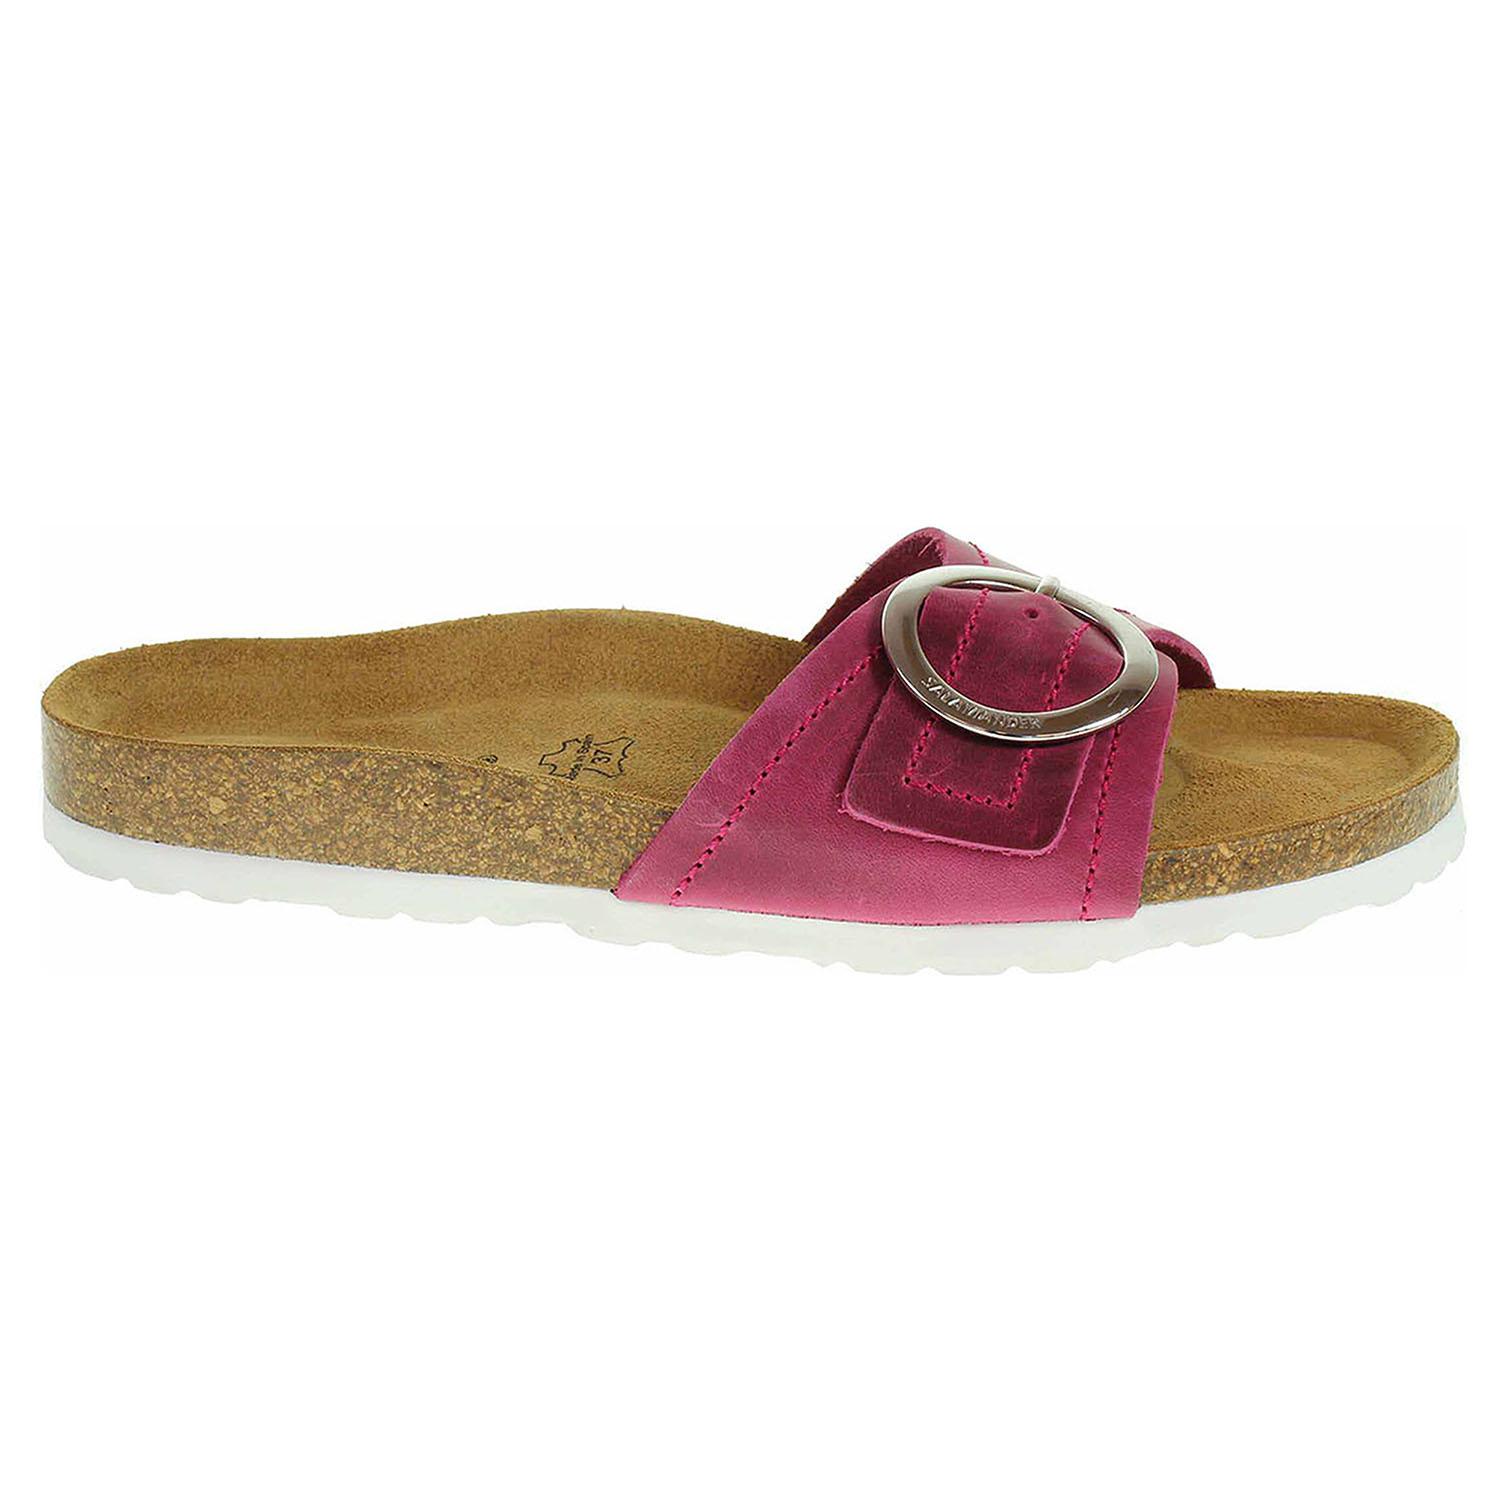 Dámské pantofle Salamander 32-13009-13 pink 32-13009-13 37